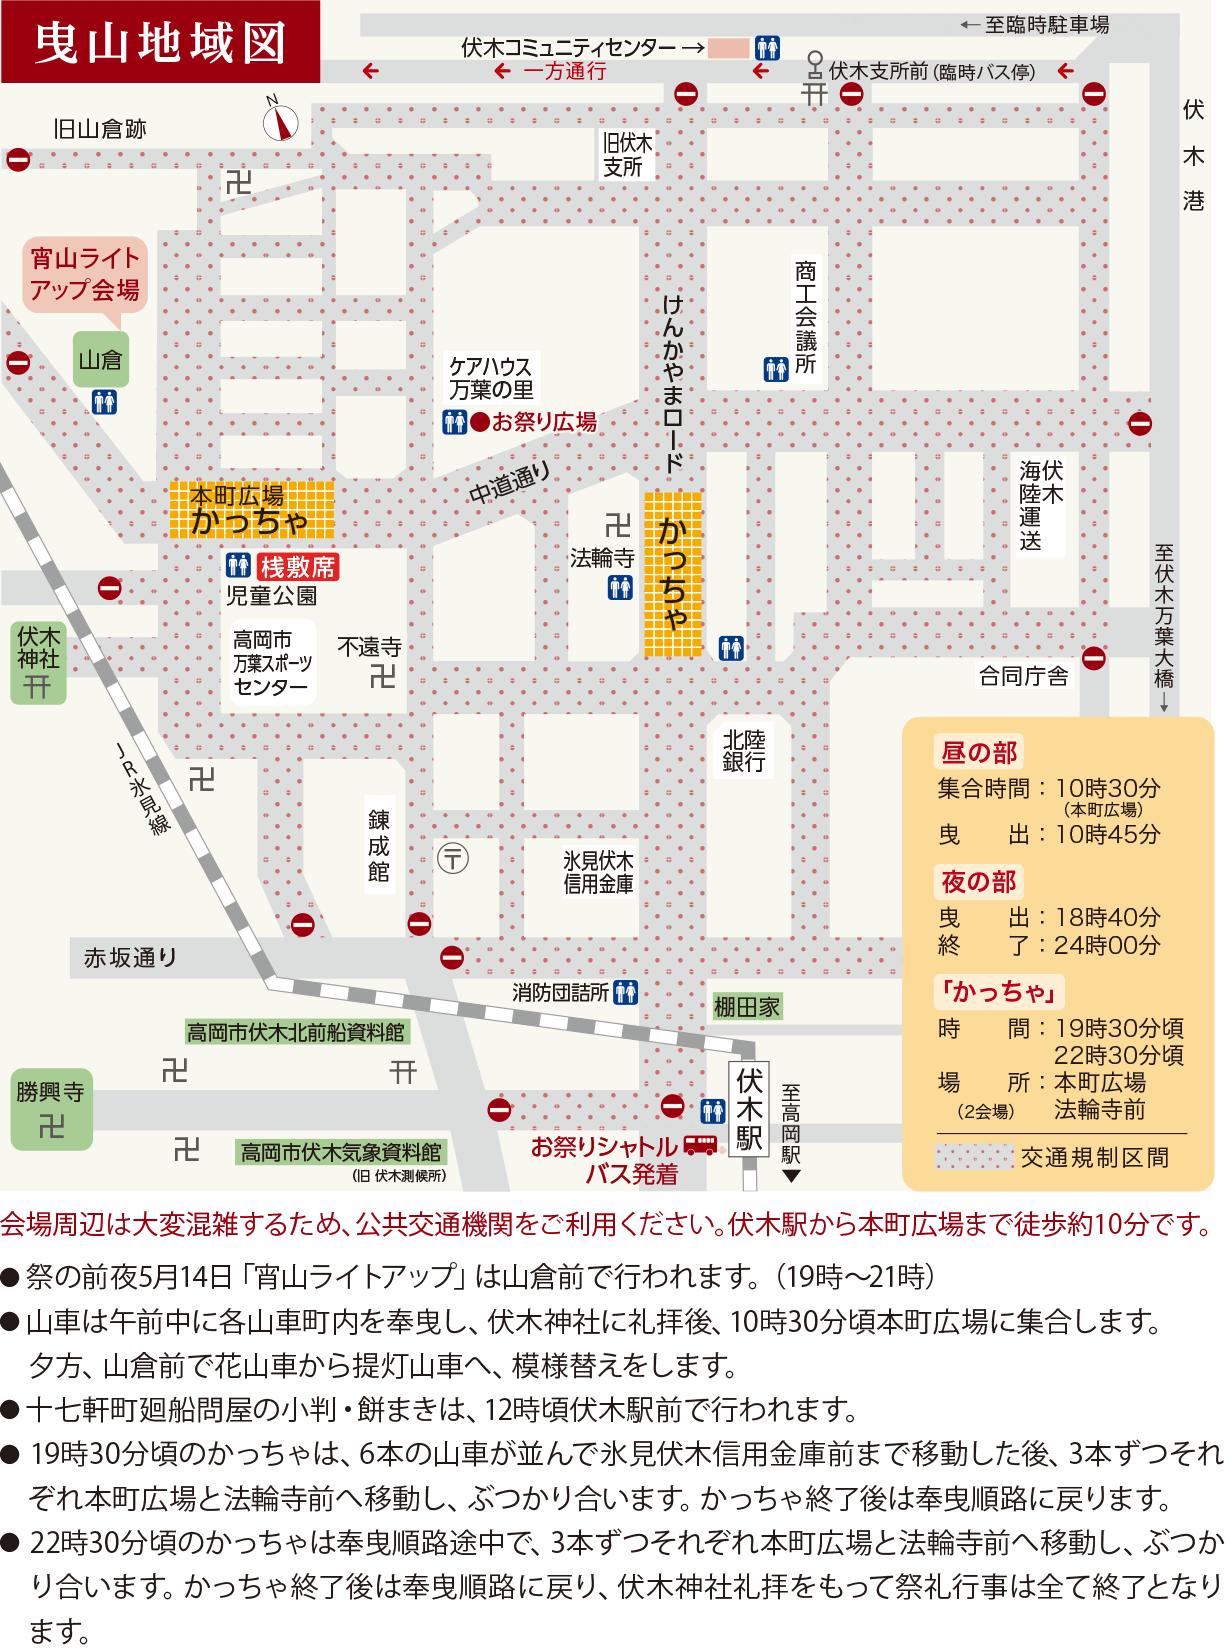 伏木神社例大祭・伏木けんか山の会場地図